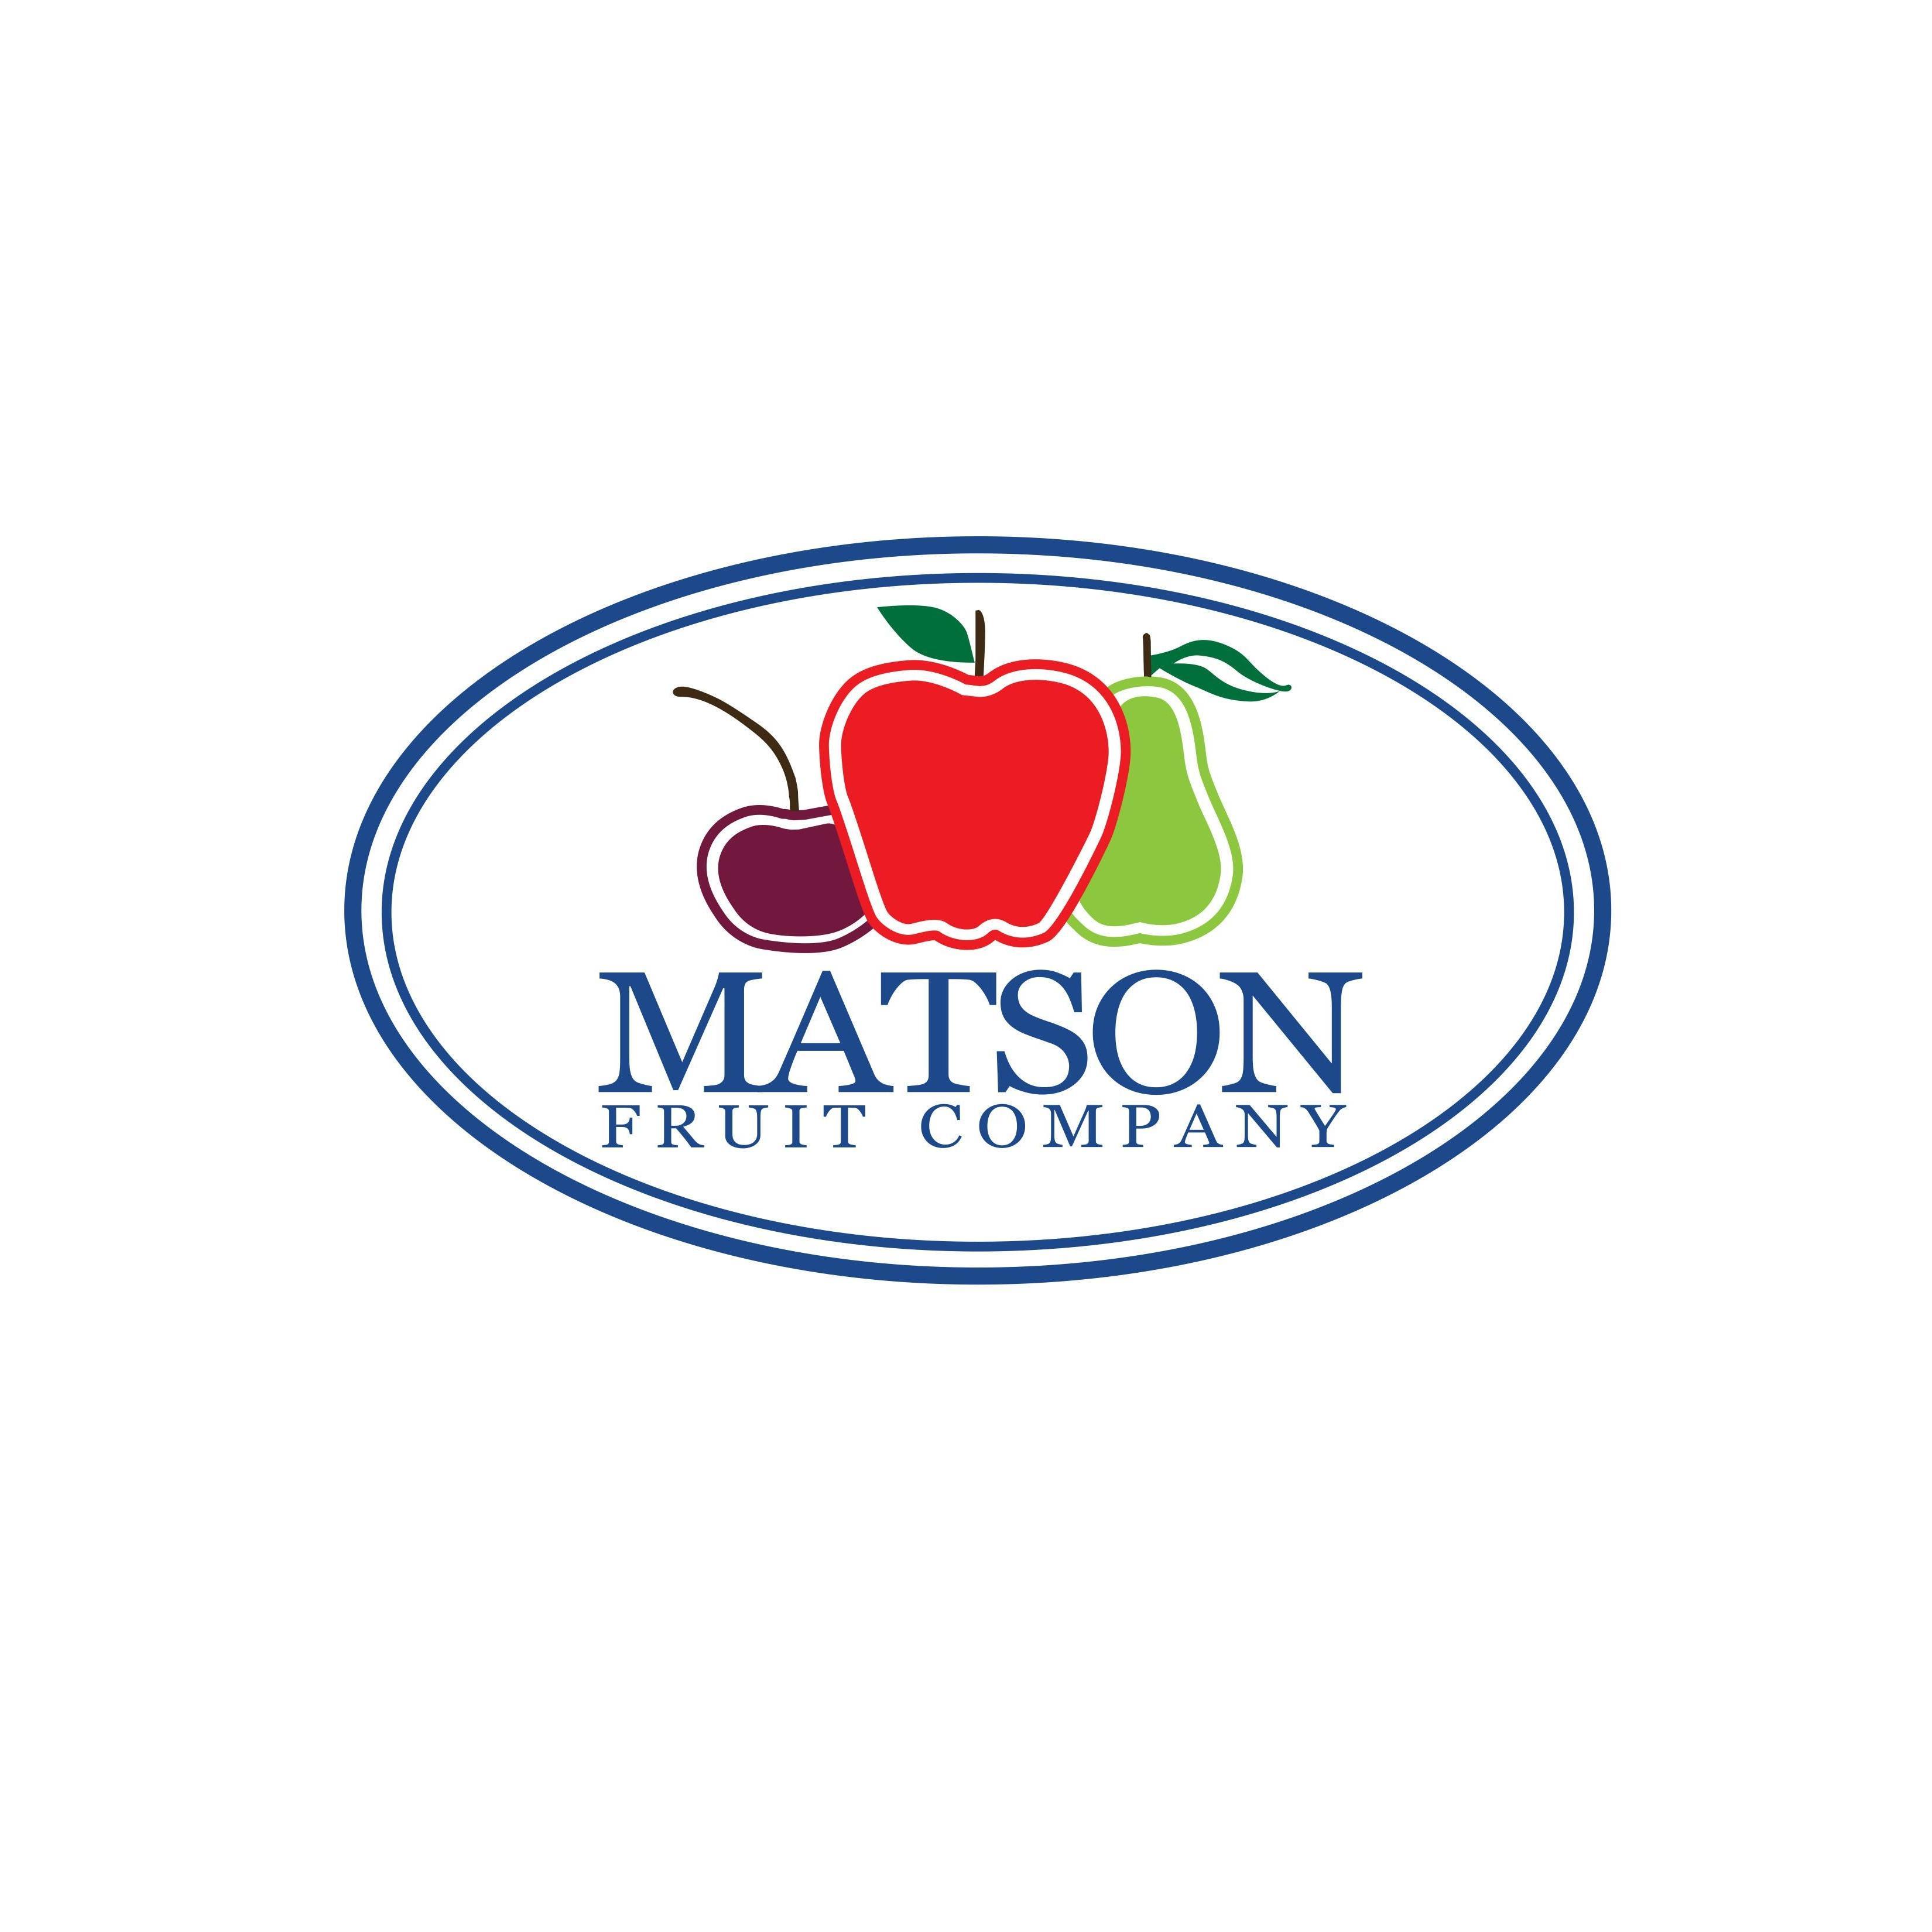 Matson Fruit Company